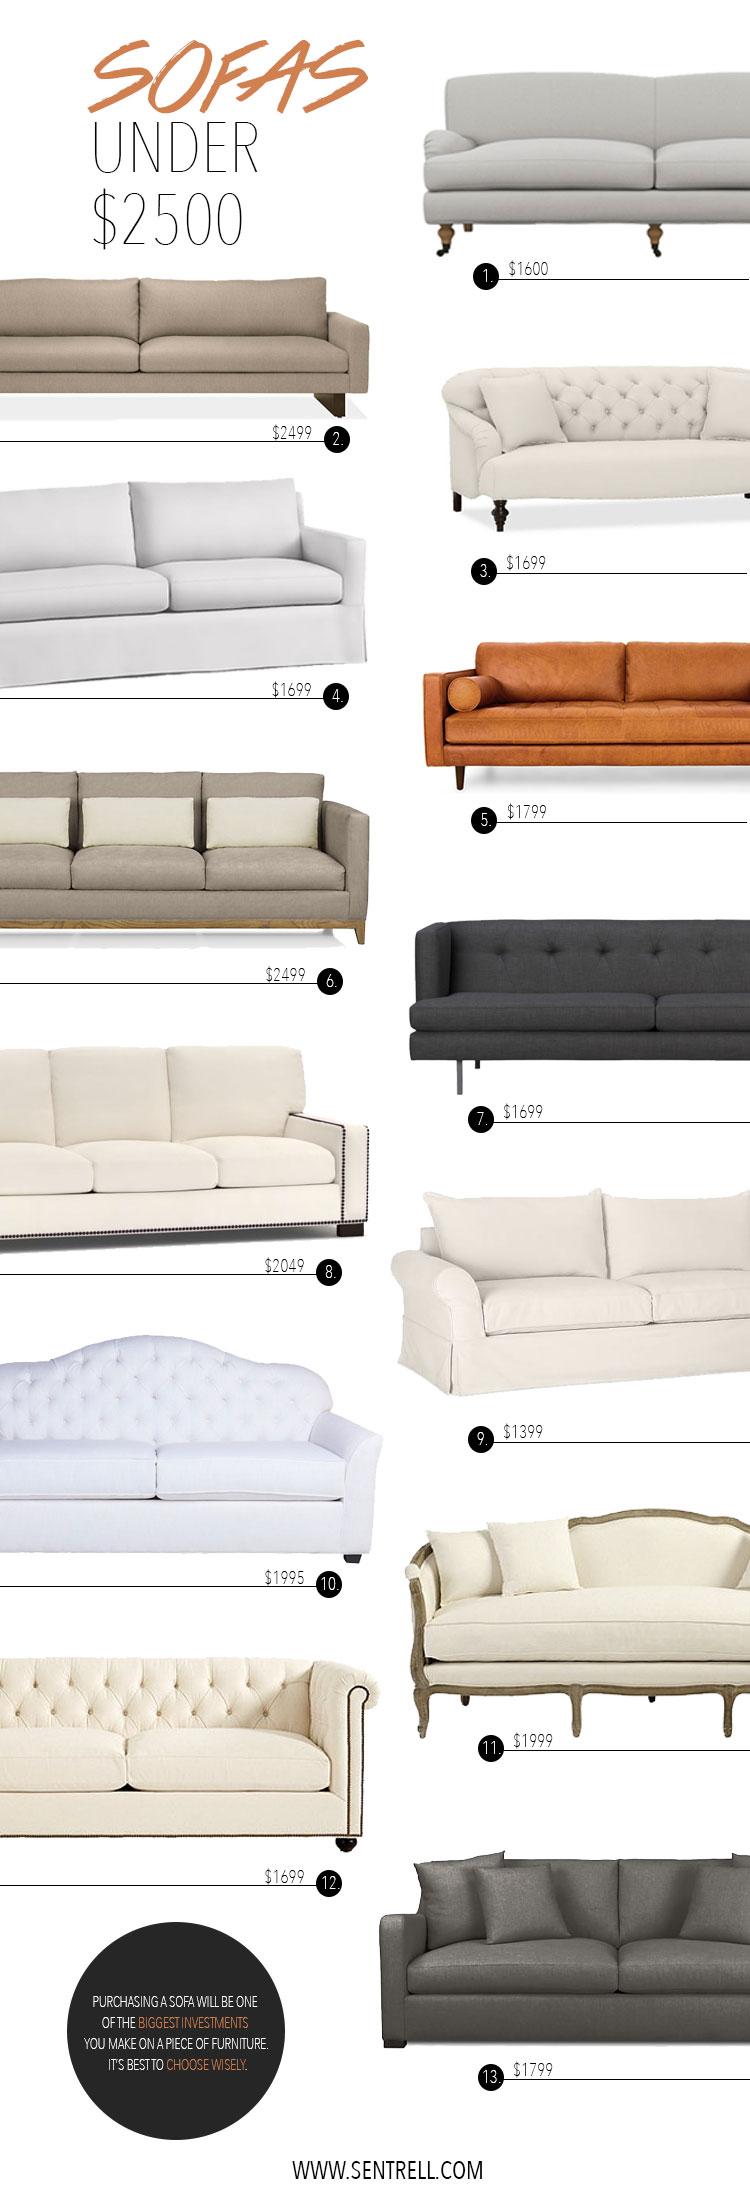 Sofas Under $2500